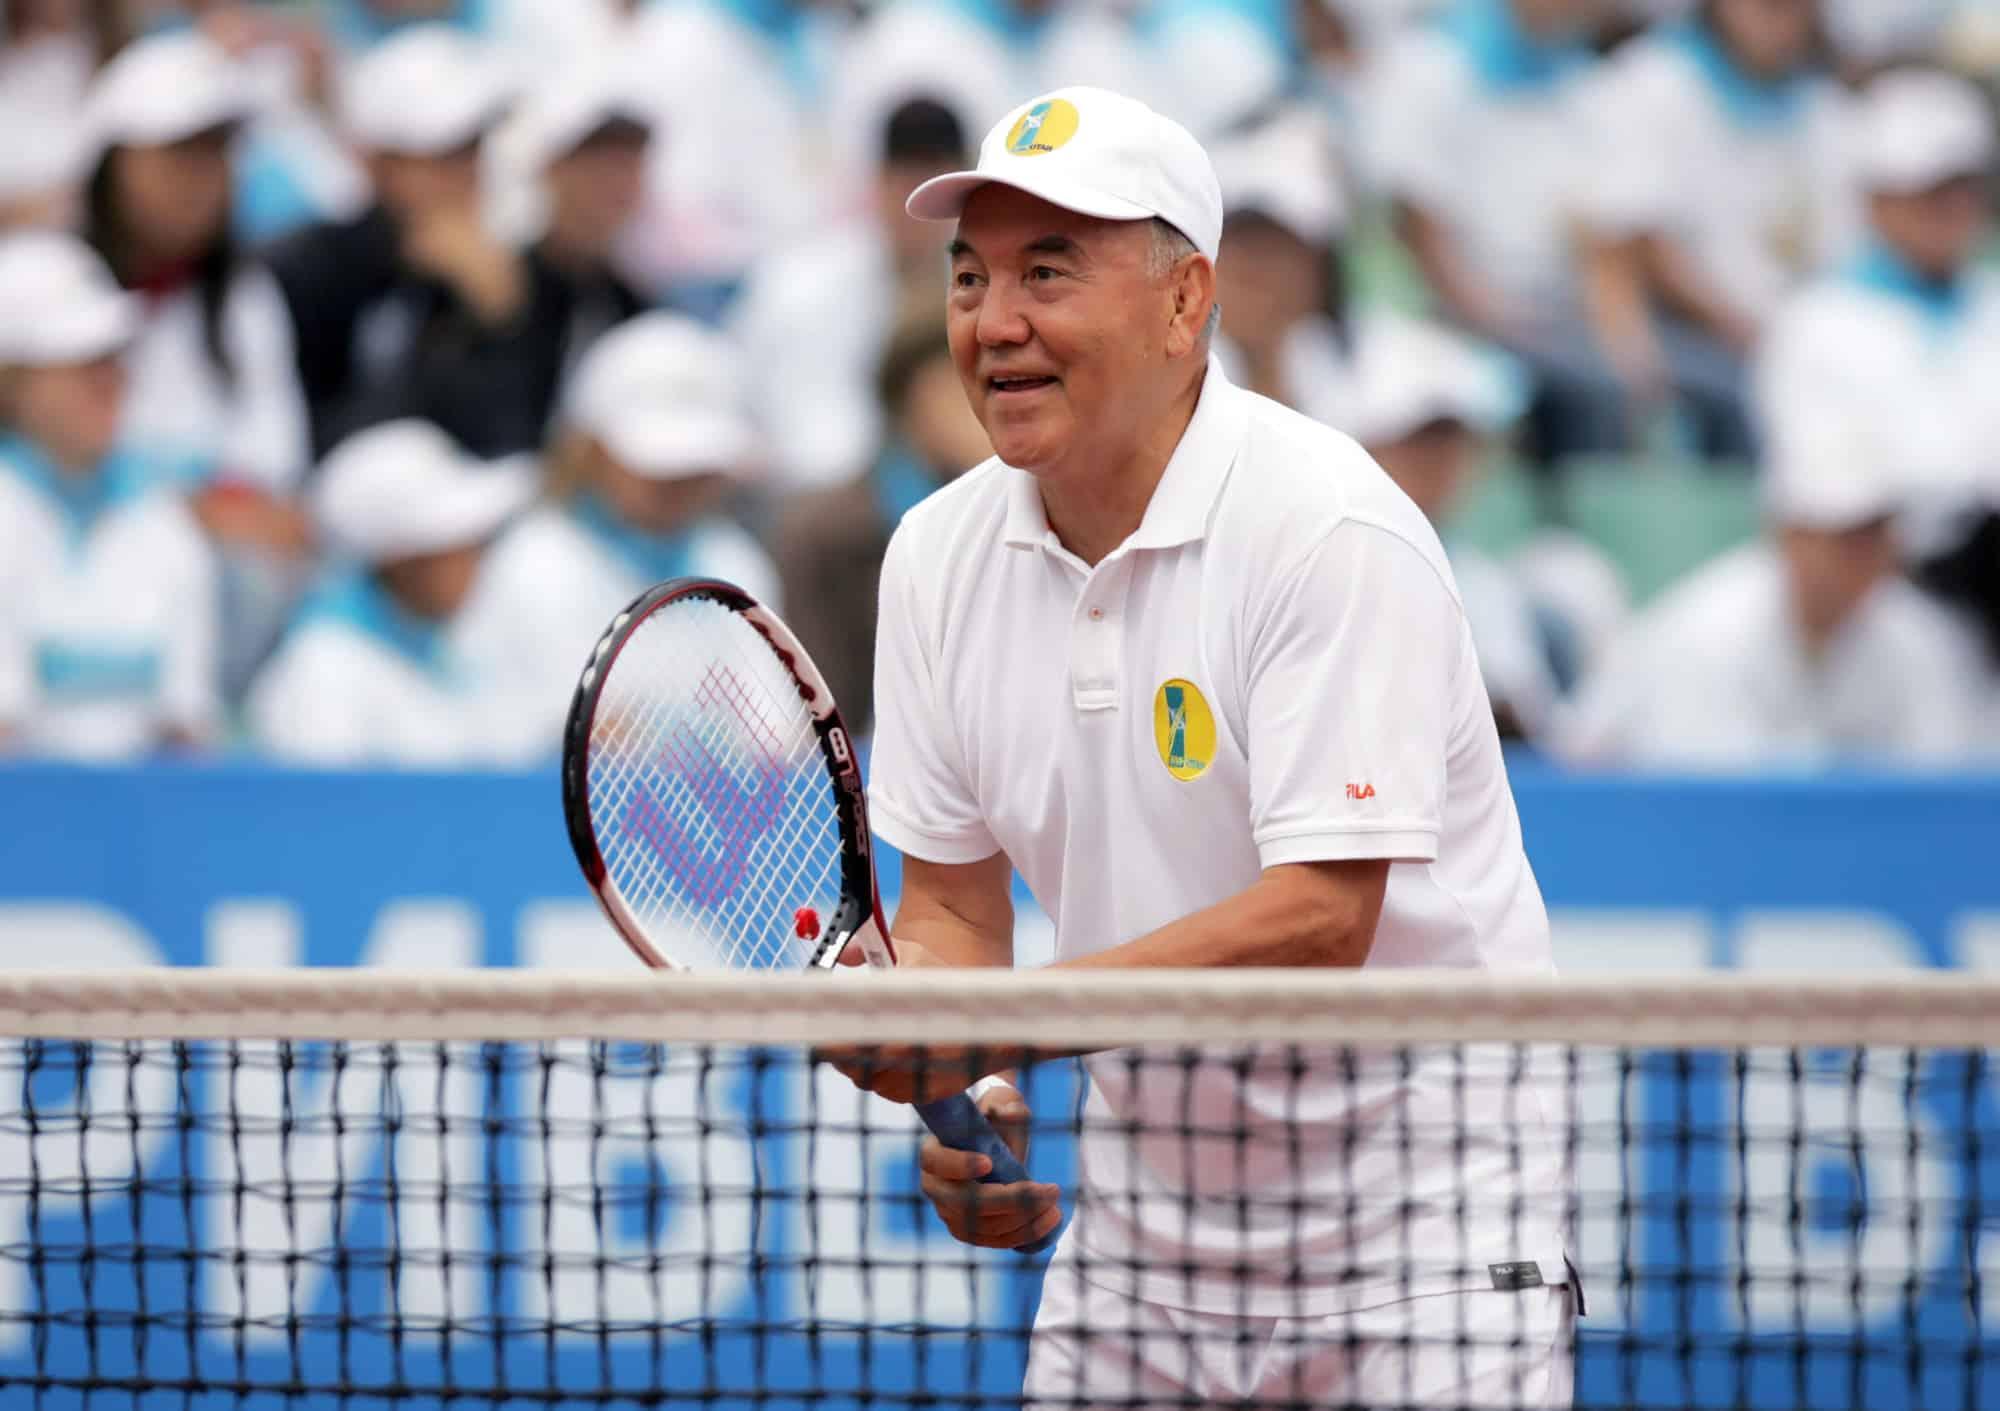 Нұрсұлтан Назарбаев шаңғы теуіп жүр